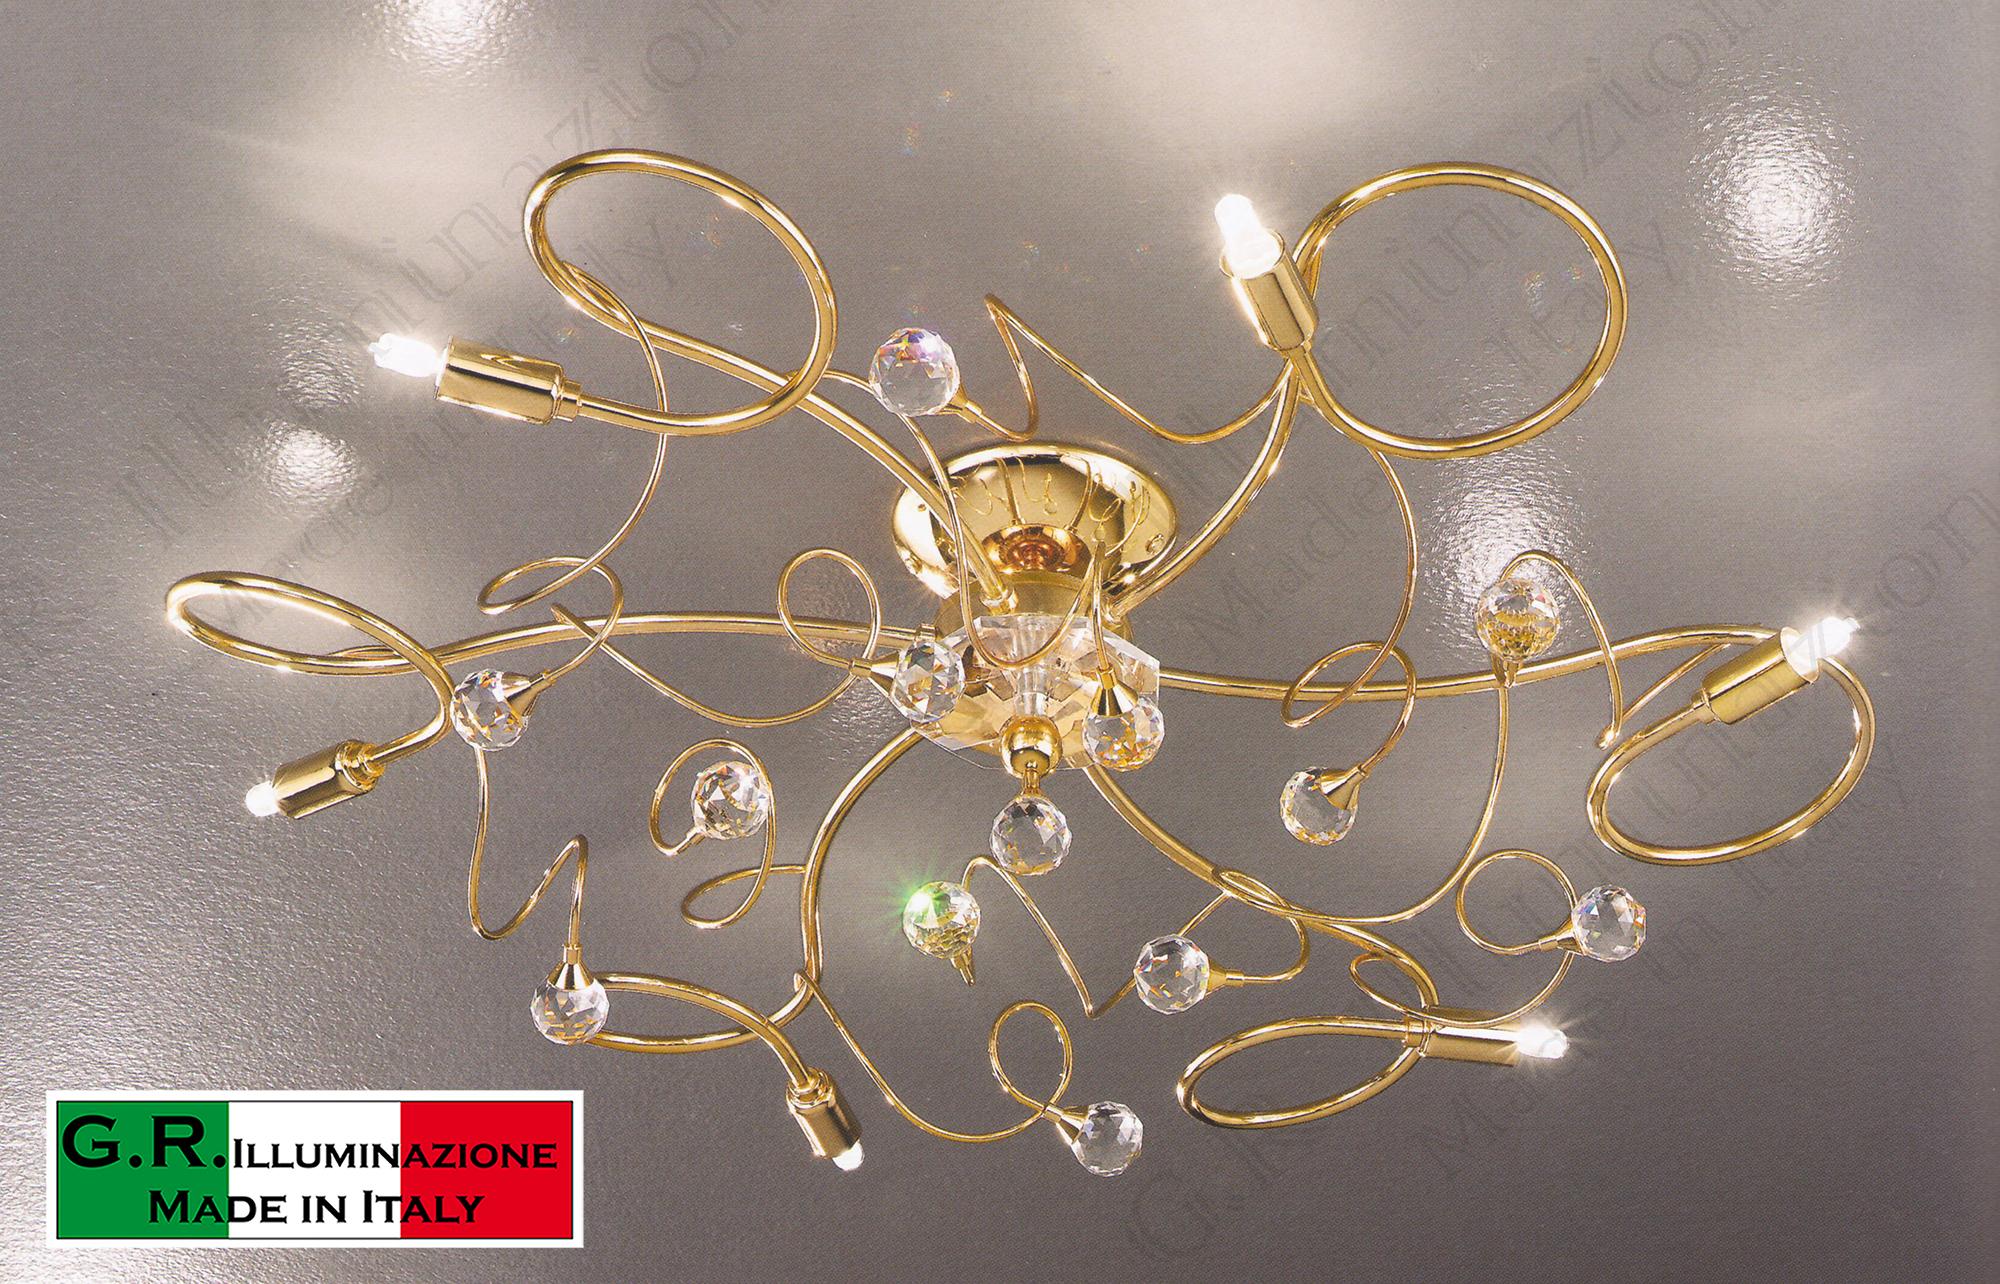 Plafoniera Fiori : Lampadario plafoniera soffitto moderno cristallo 6 luci oro 24 k